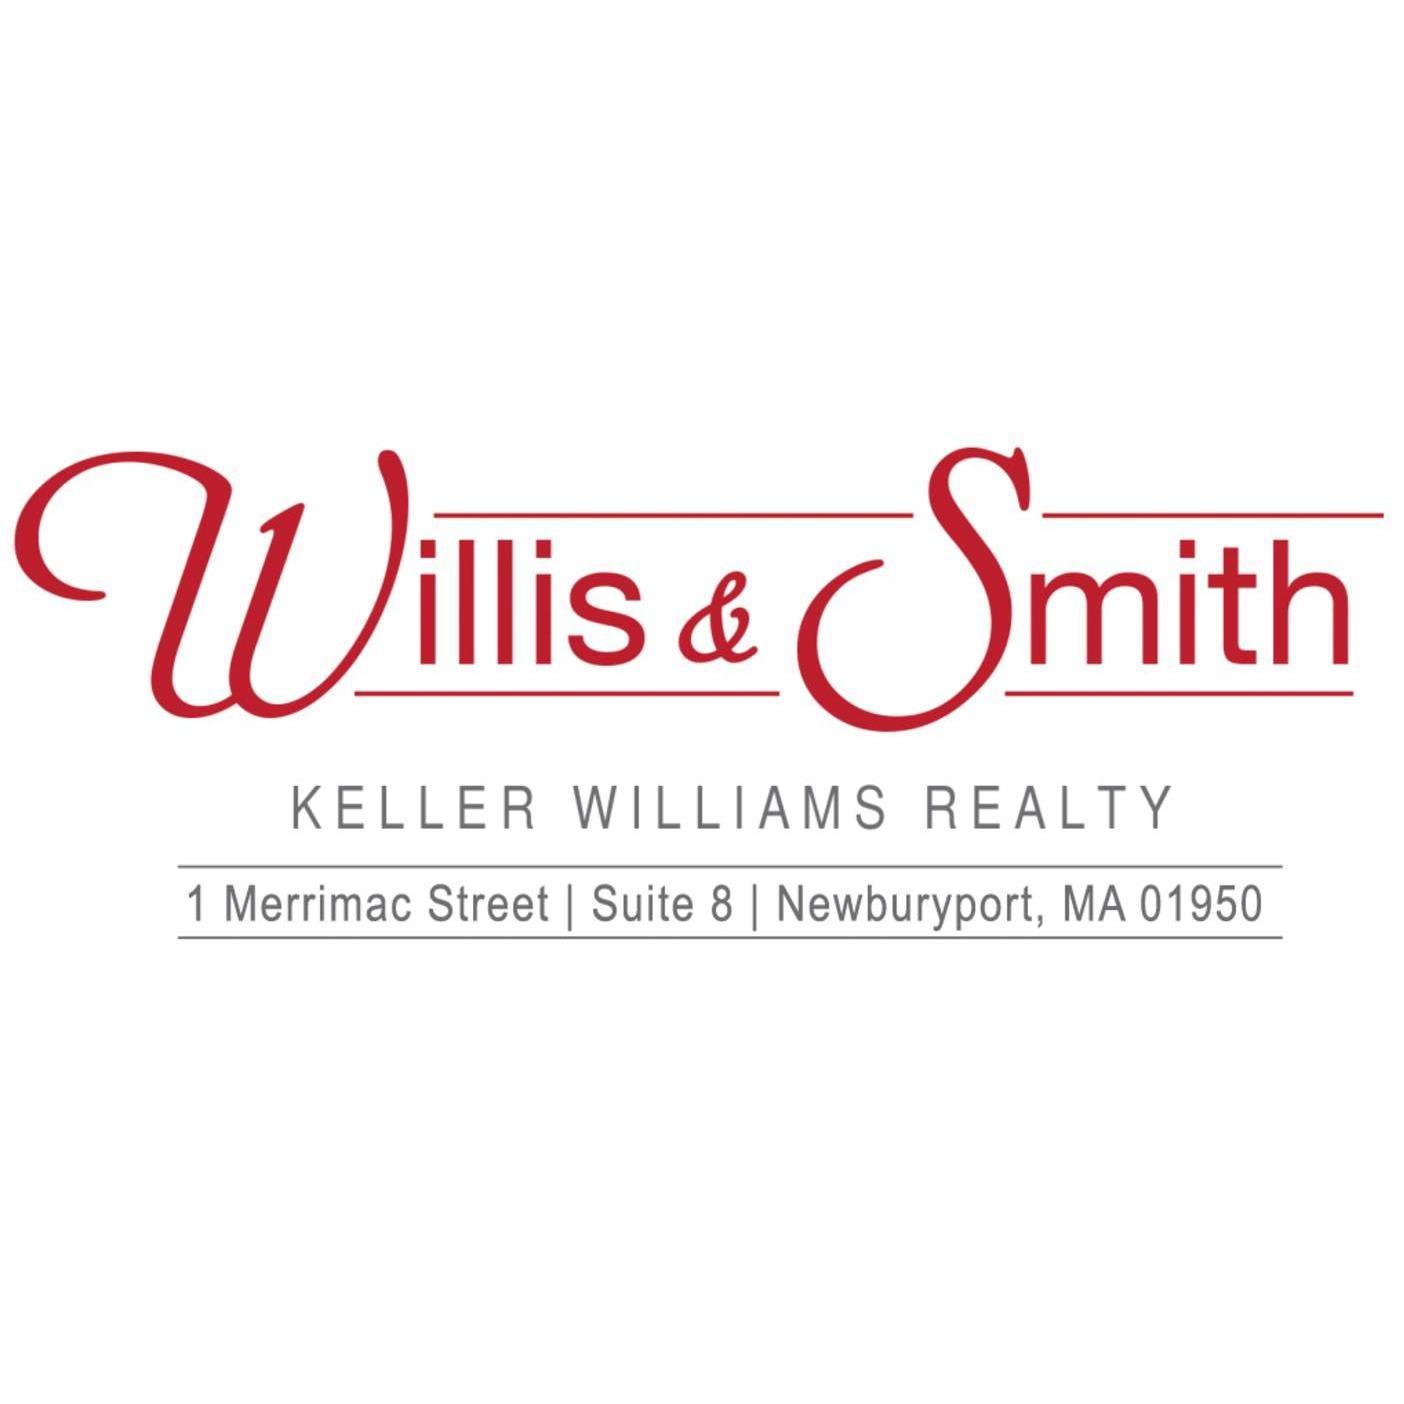 Sarah Houghton | Keller Williams - Willis & Smith Group